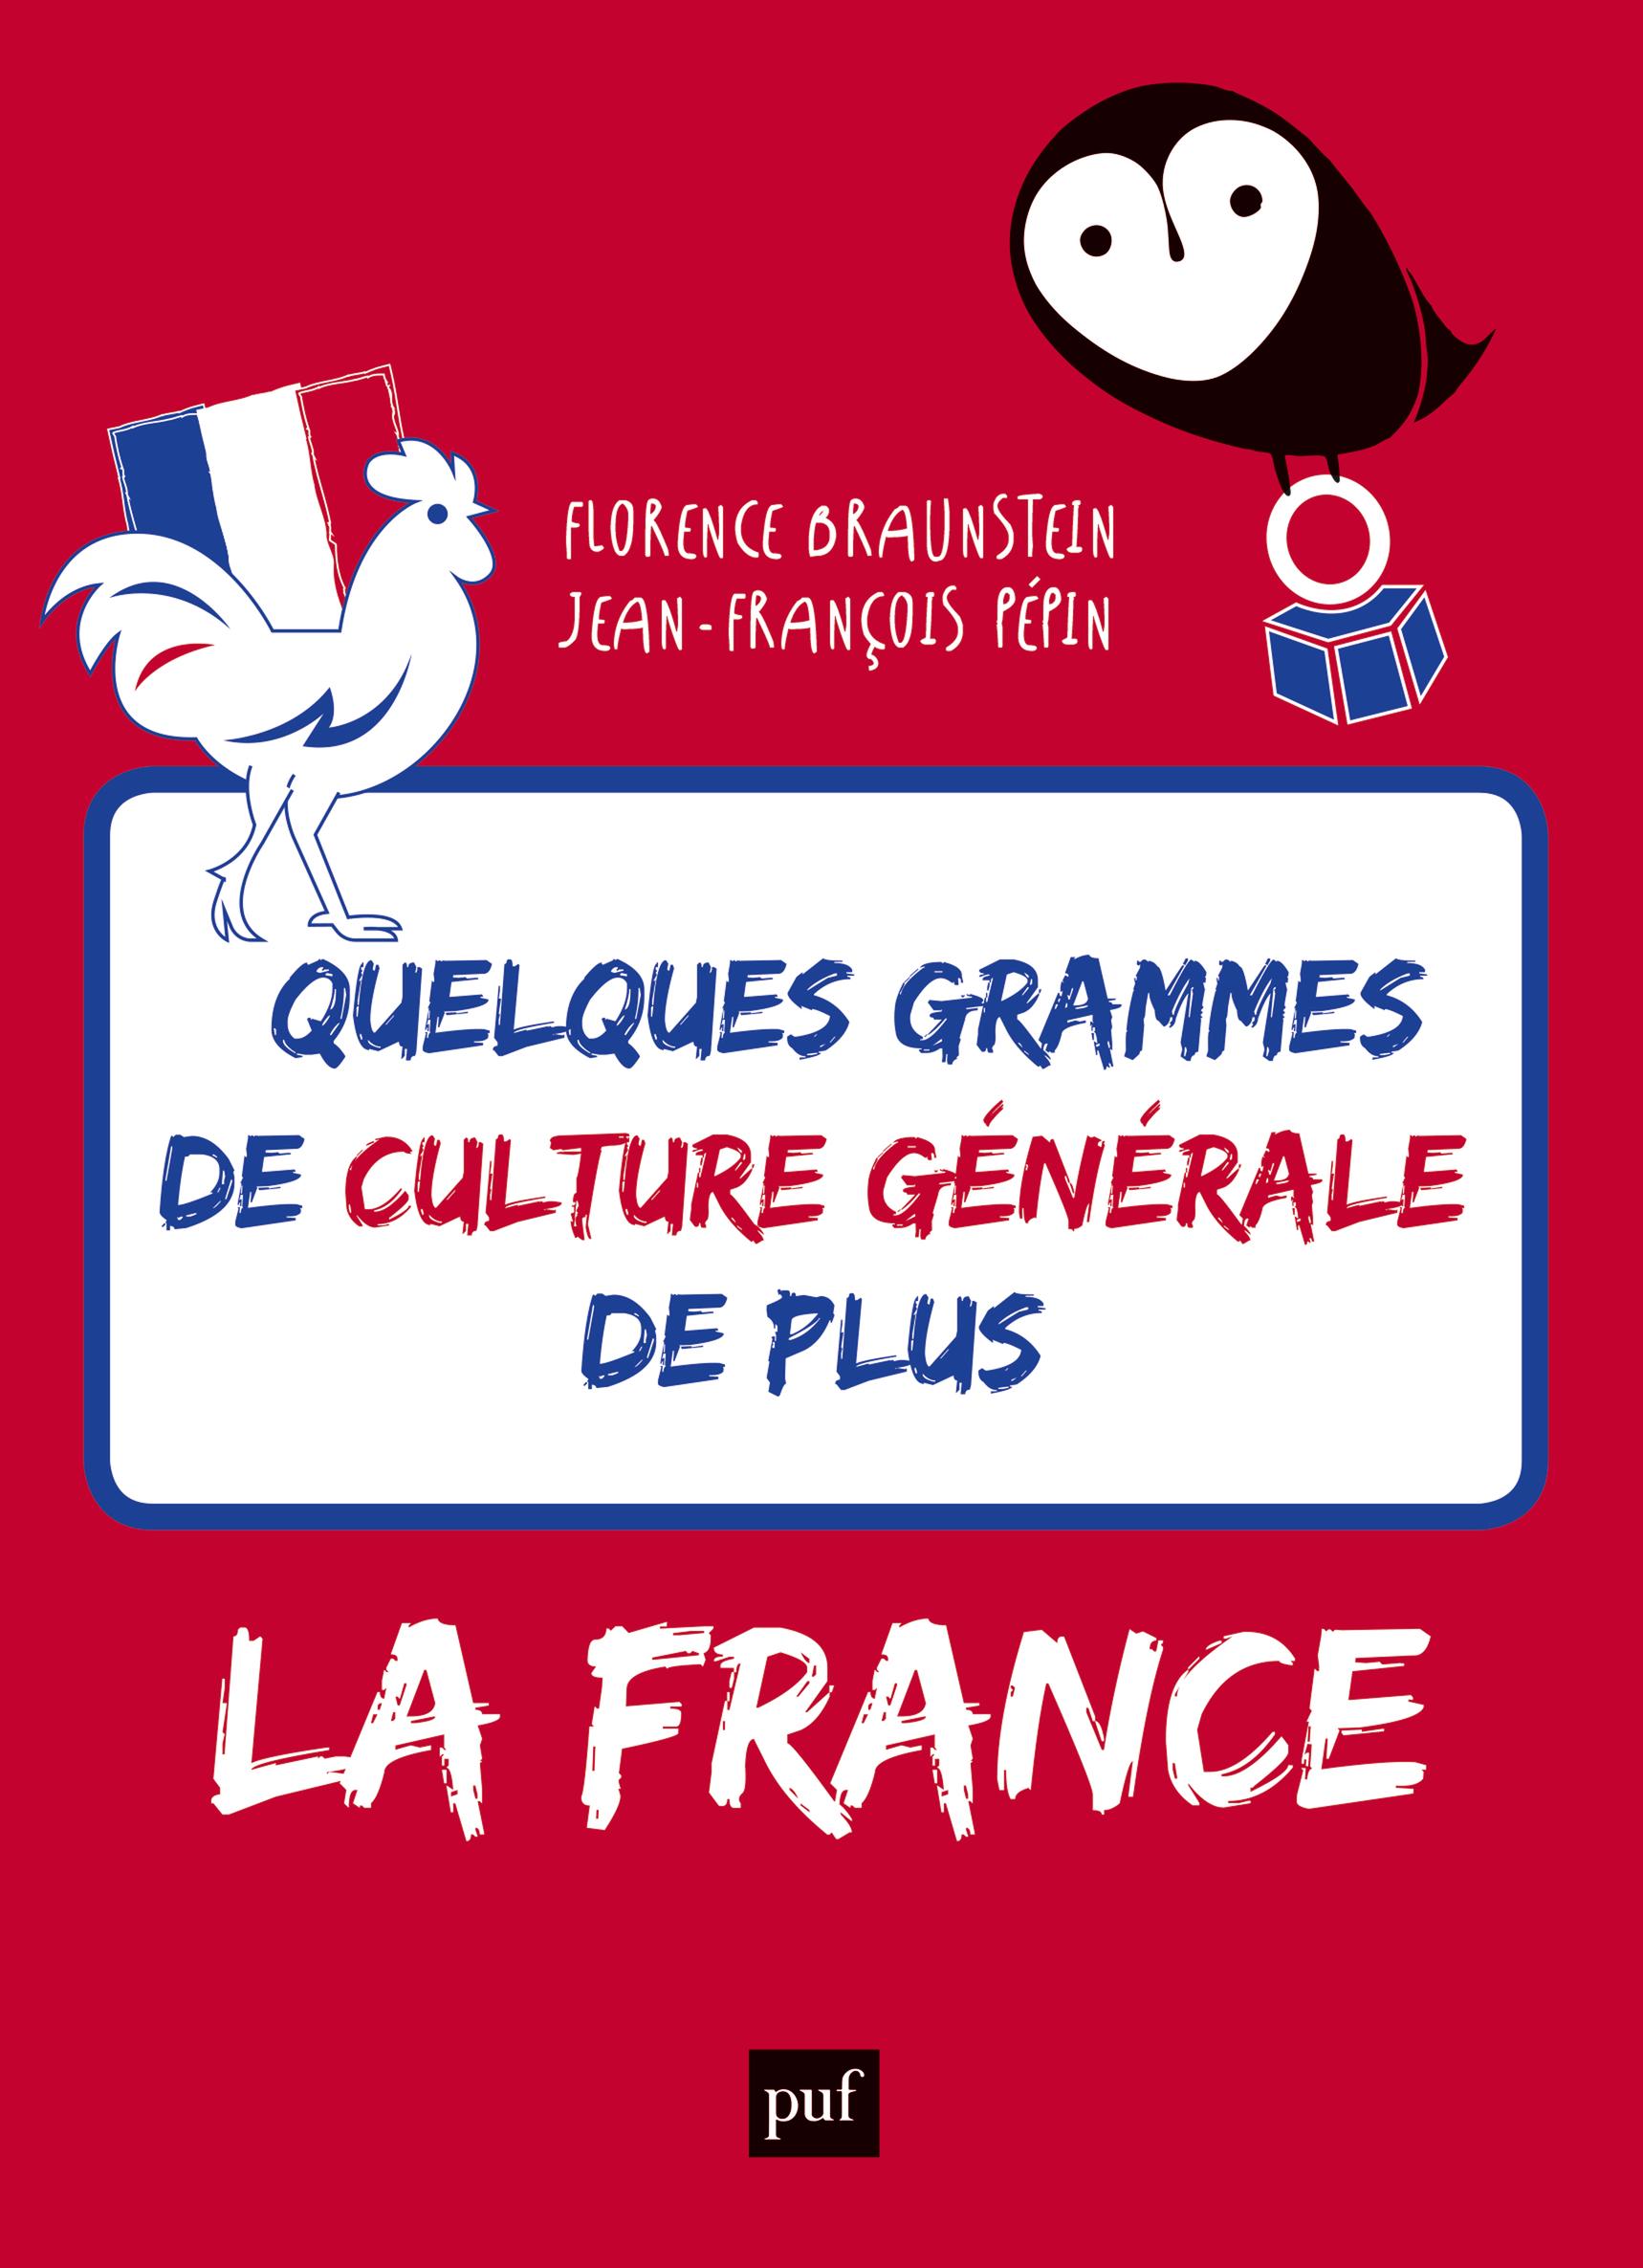 QUELQUES GRAMMES DE CULTURE GENERALE DE PLUS